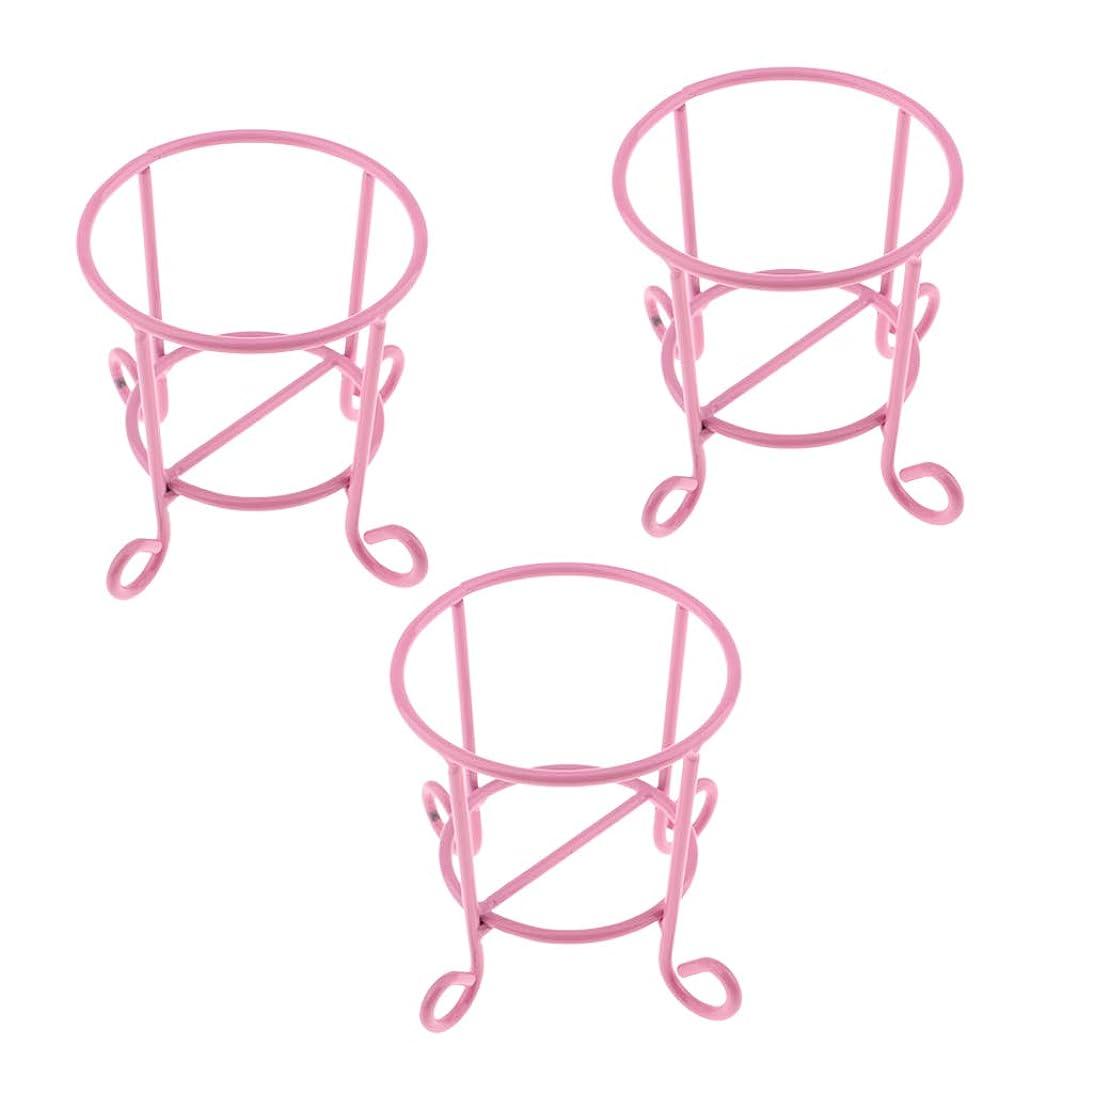 魔術チョコレート階段CUTICATE メイクパフスタンド 化粧スポンジホルダー 化粧スポンジスタンド 全3色 - ピンク